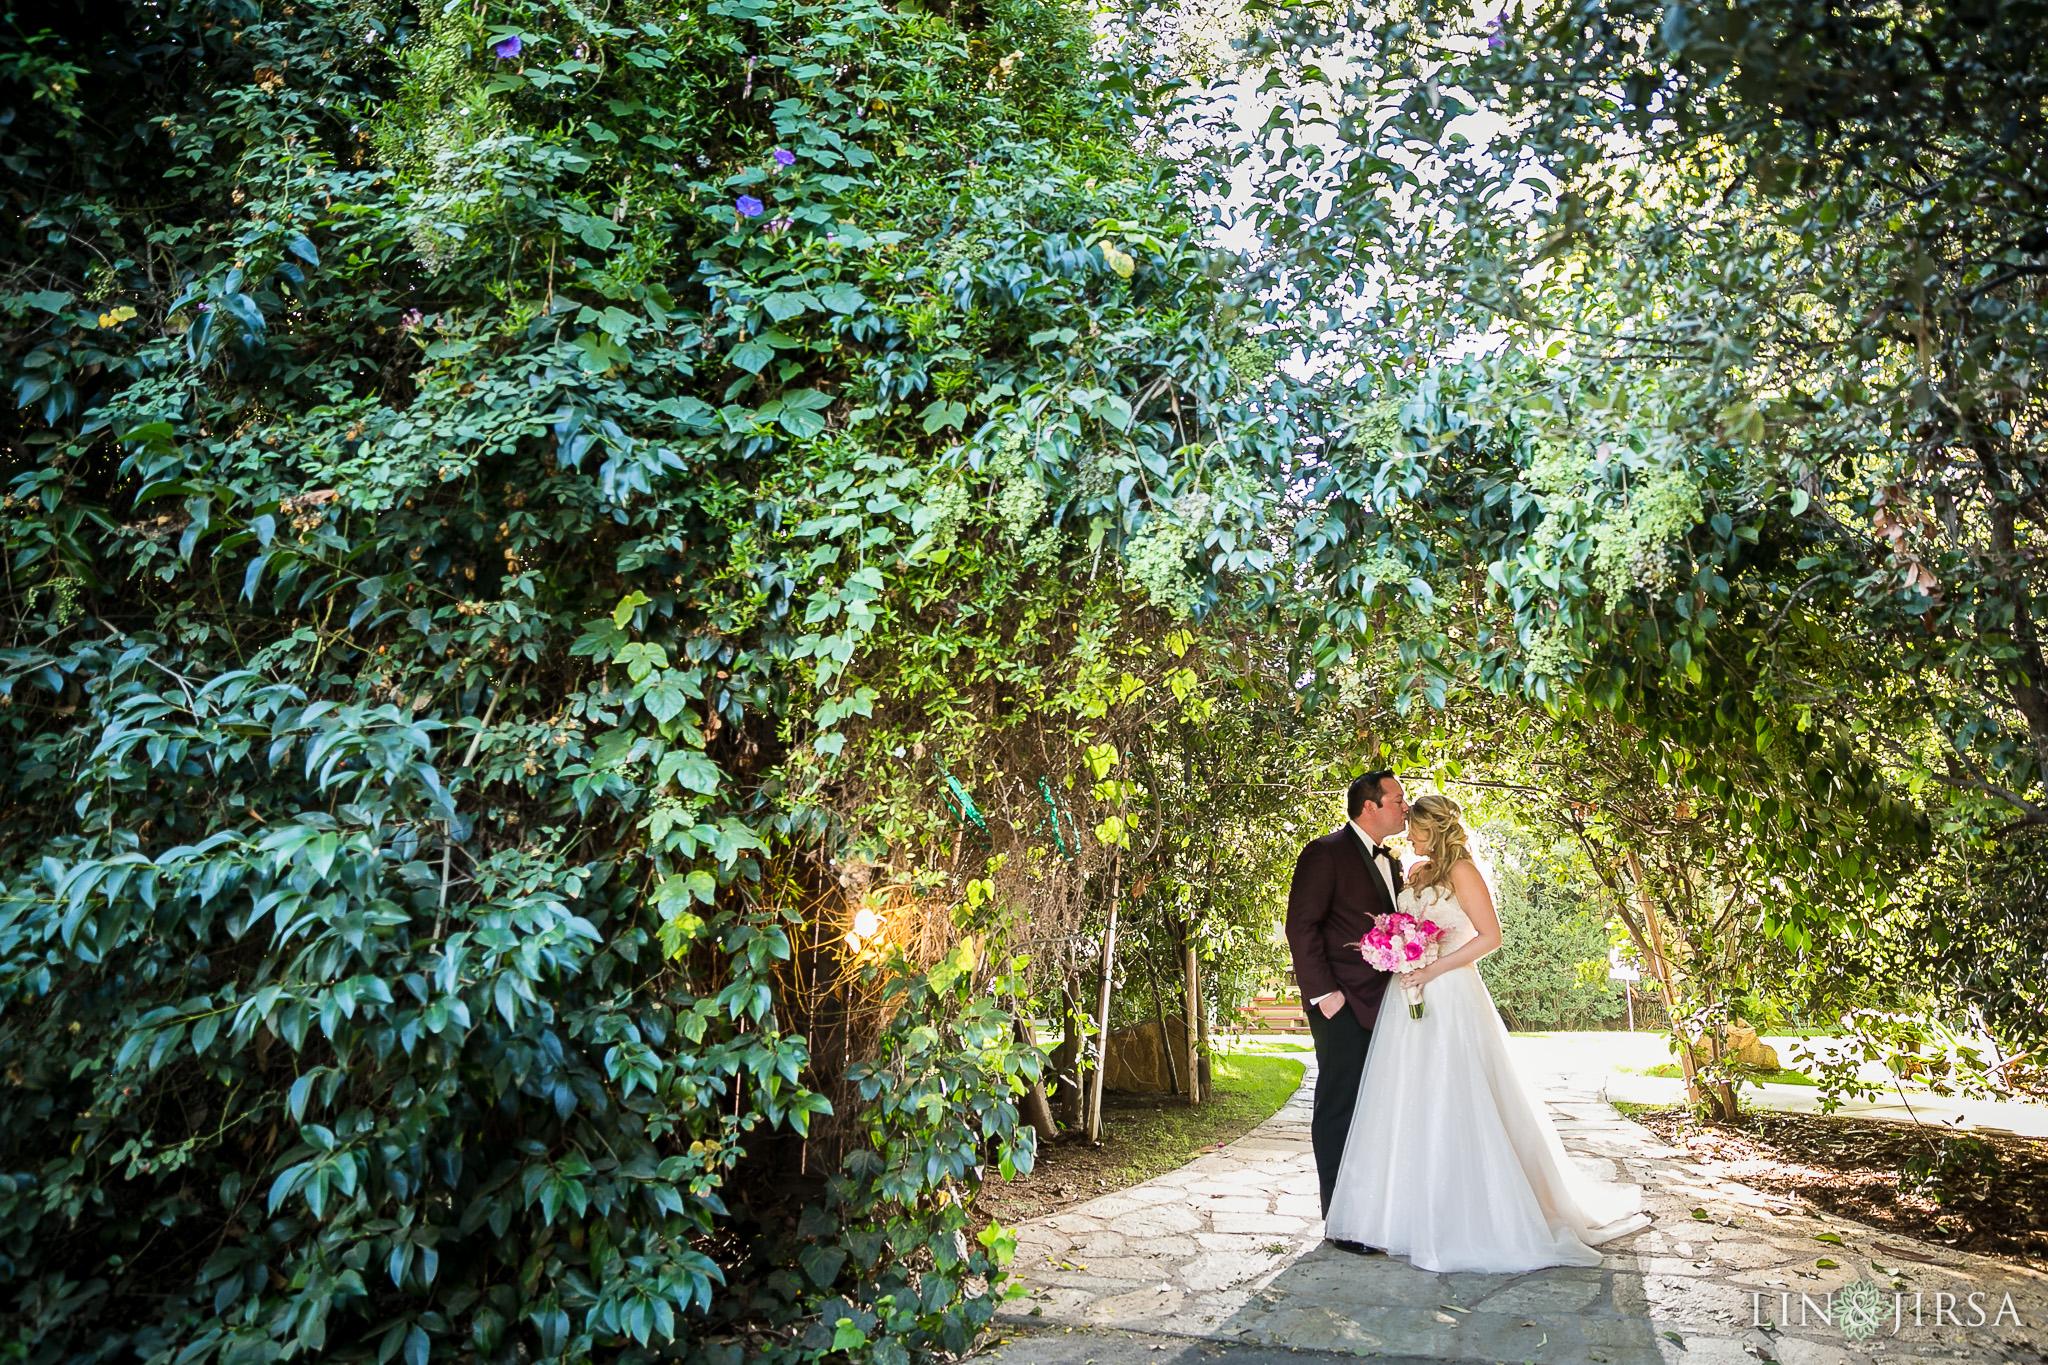 Twin Oaks House & Garden Estate Wedding | Melissa & Donnie